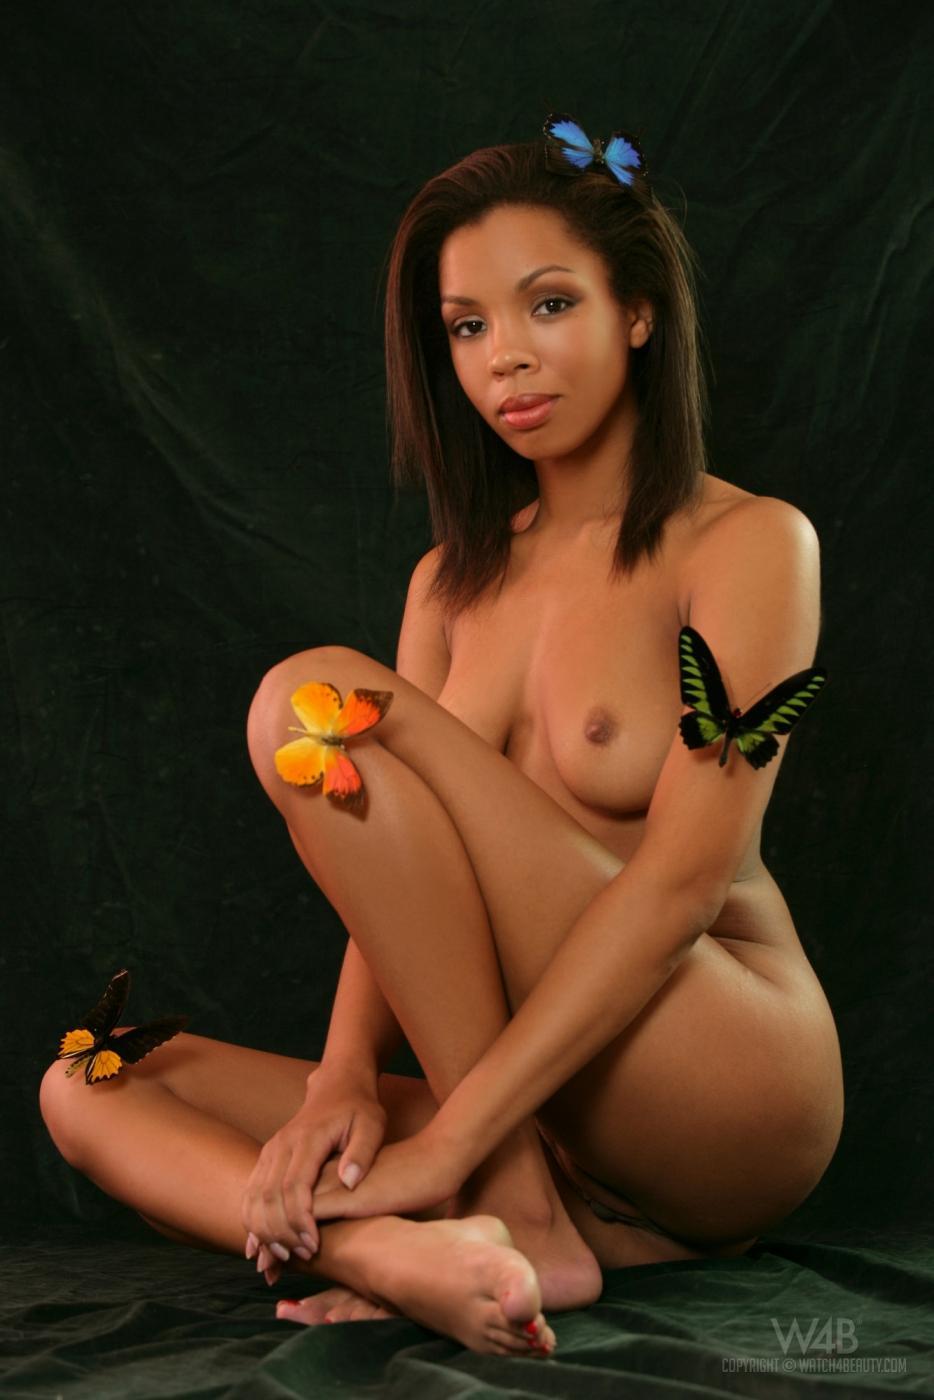 Фантастическая фото галерея от привлекательной африканки Luciana